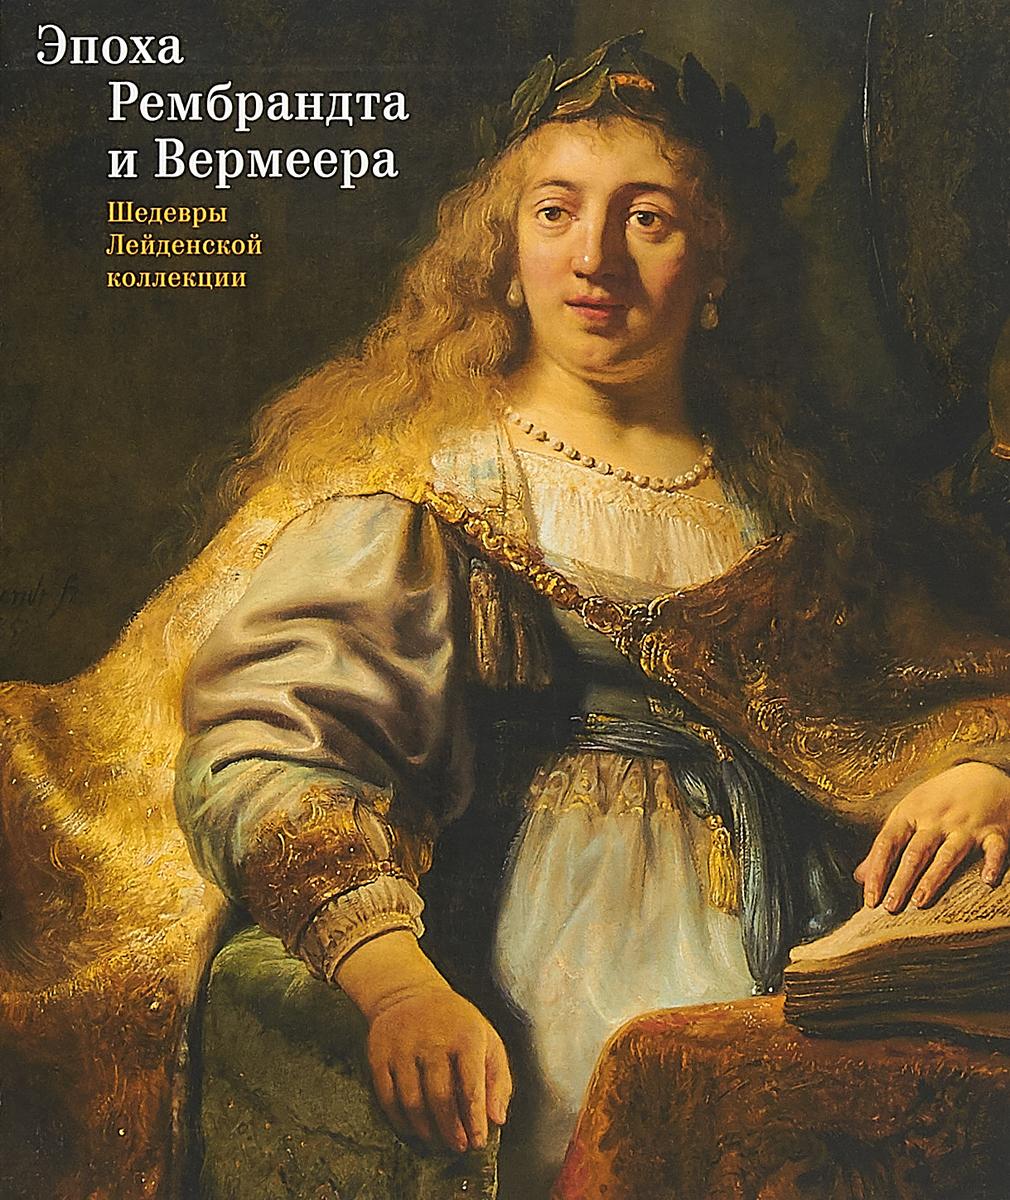 Эпоха Рембрандта и Вермеера. Шедевры Лейденской коллекции эпоха рембрандта и вермеера шедевры лейденской коллекции